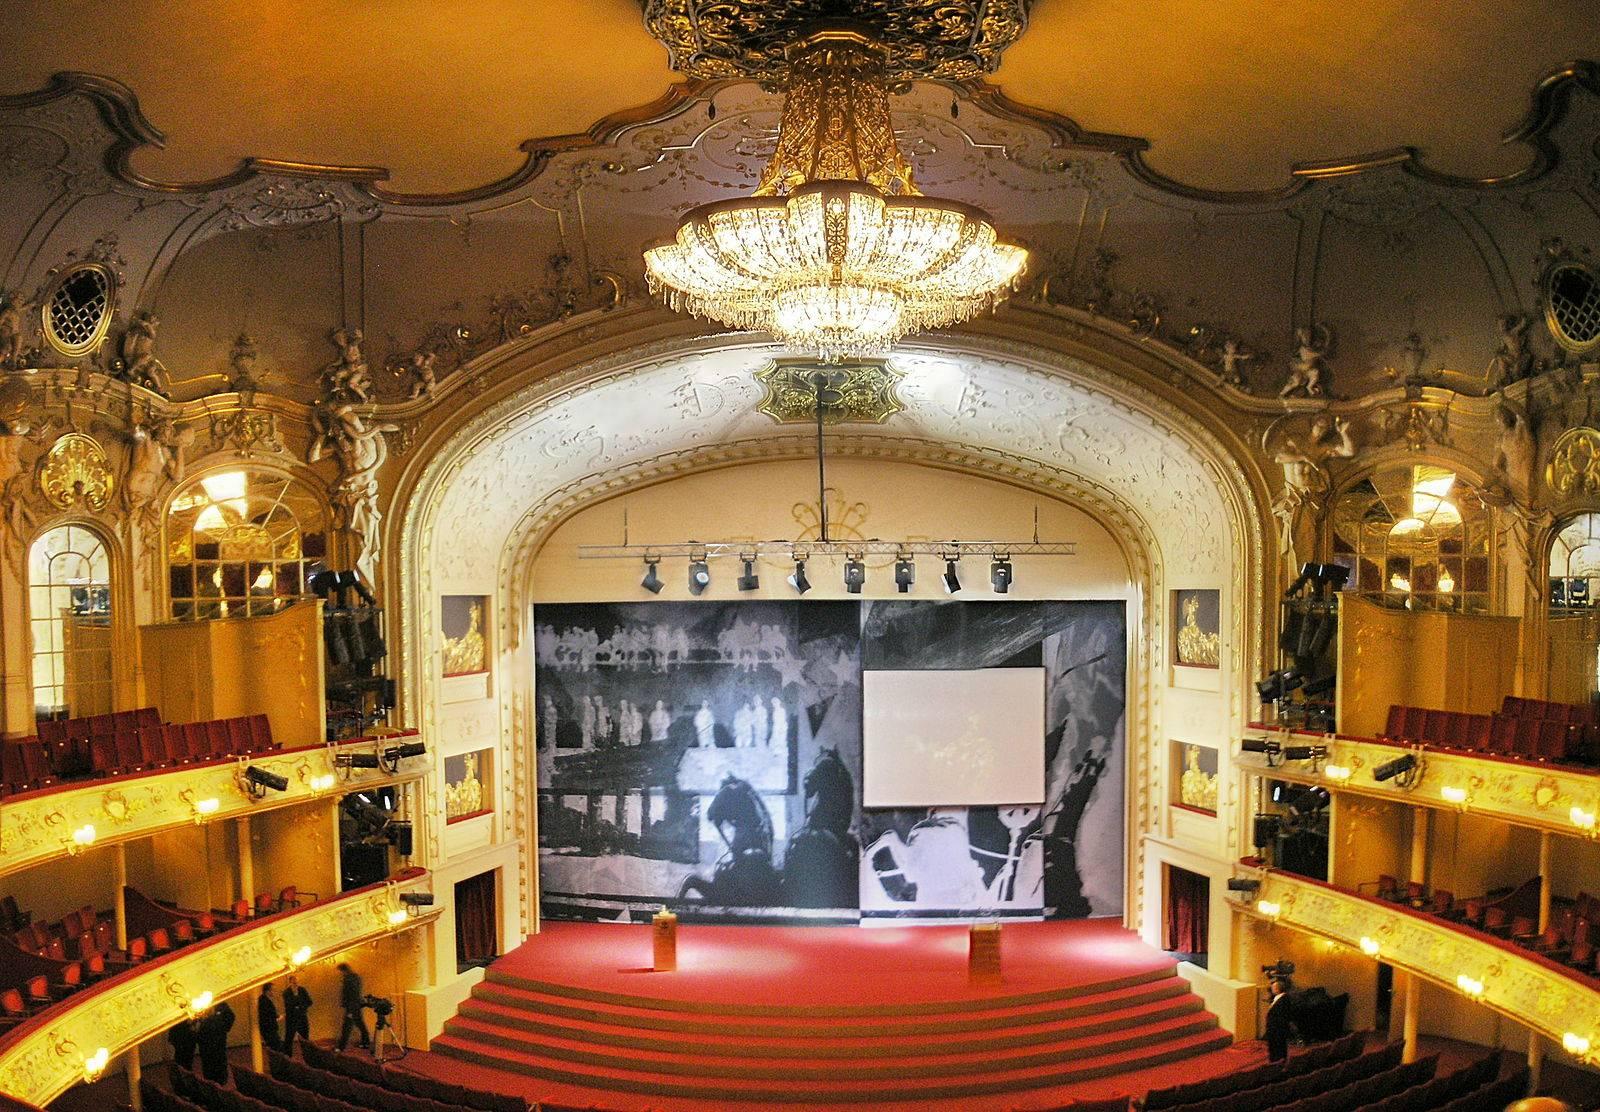 Опера макбет в берлинской государственной опере - бинокль